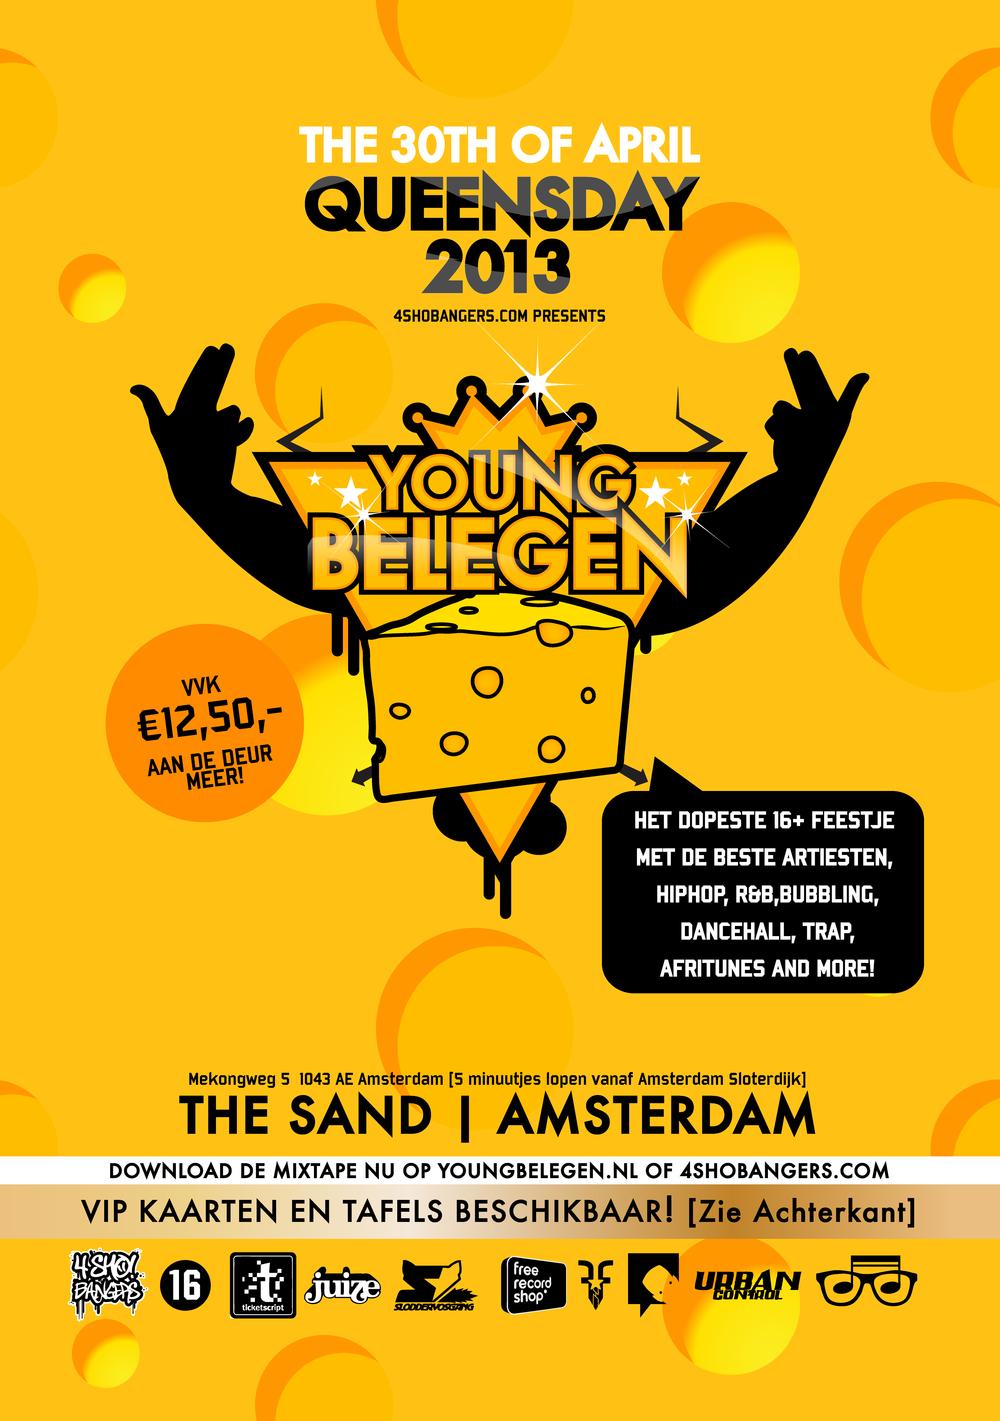 youngbelegen-flyer_poster_Aangepast-03.png